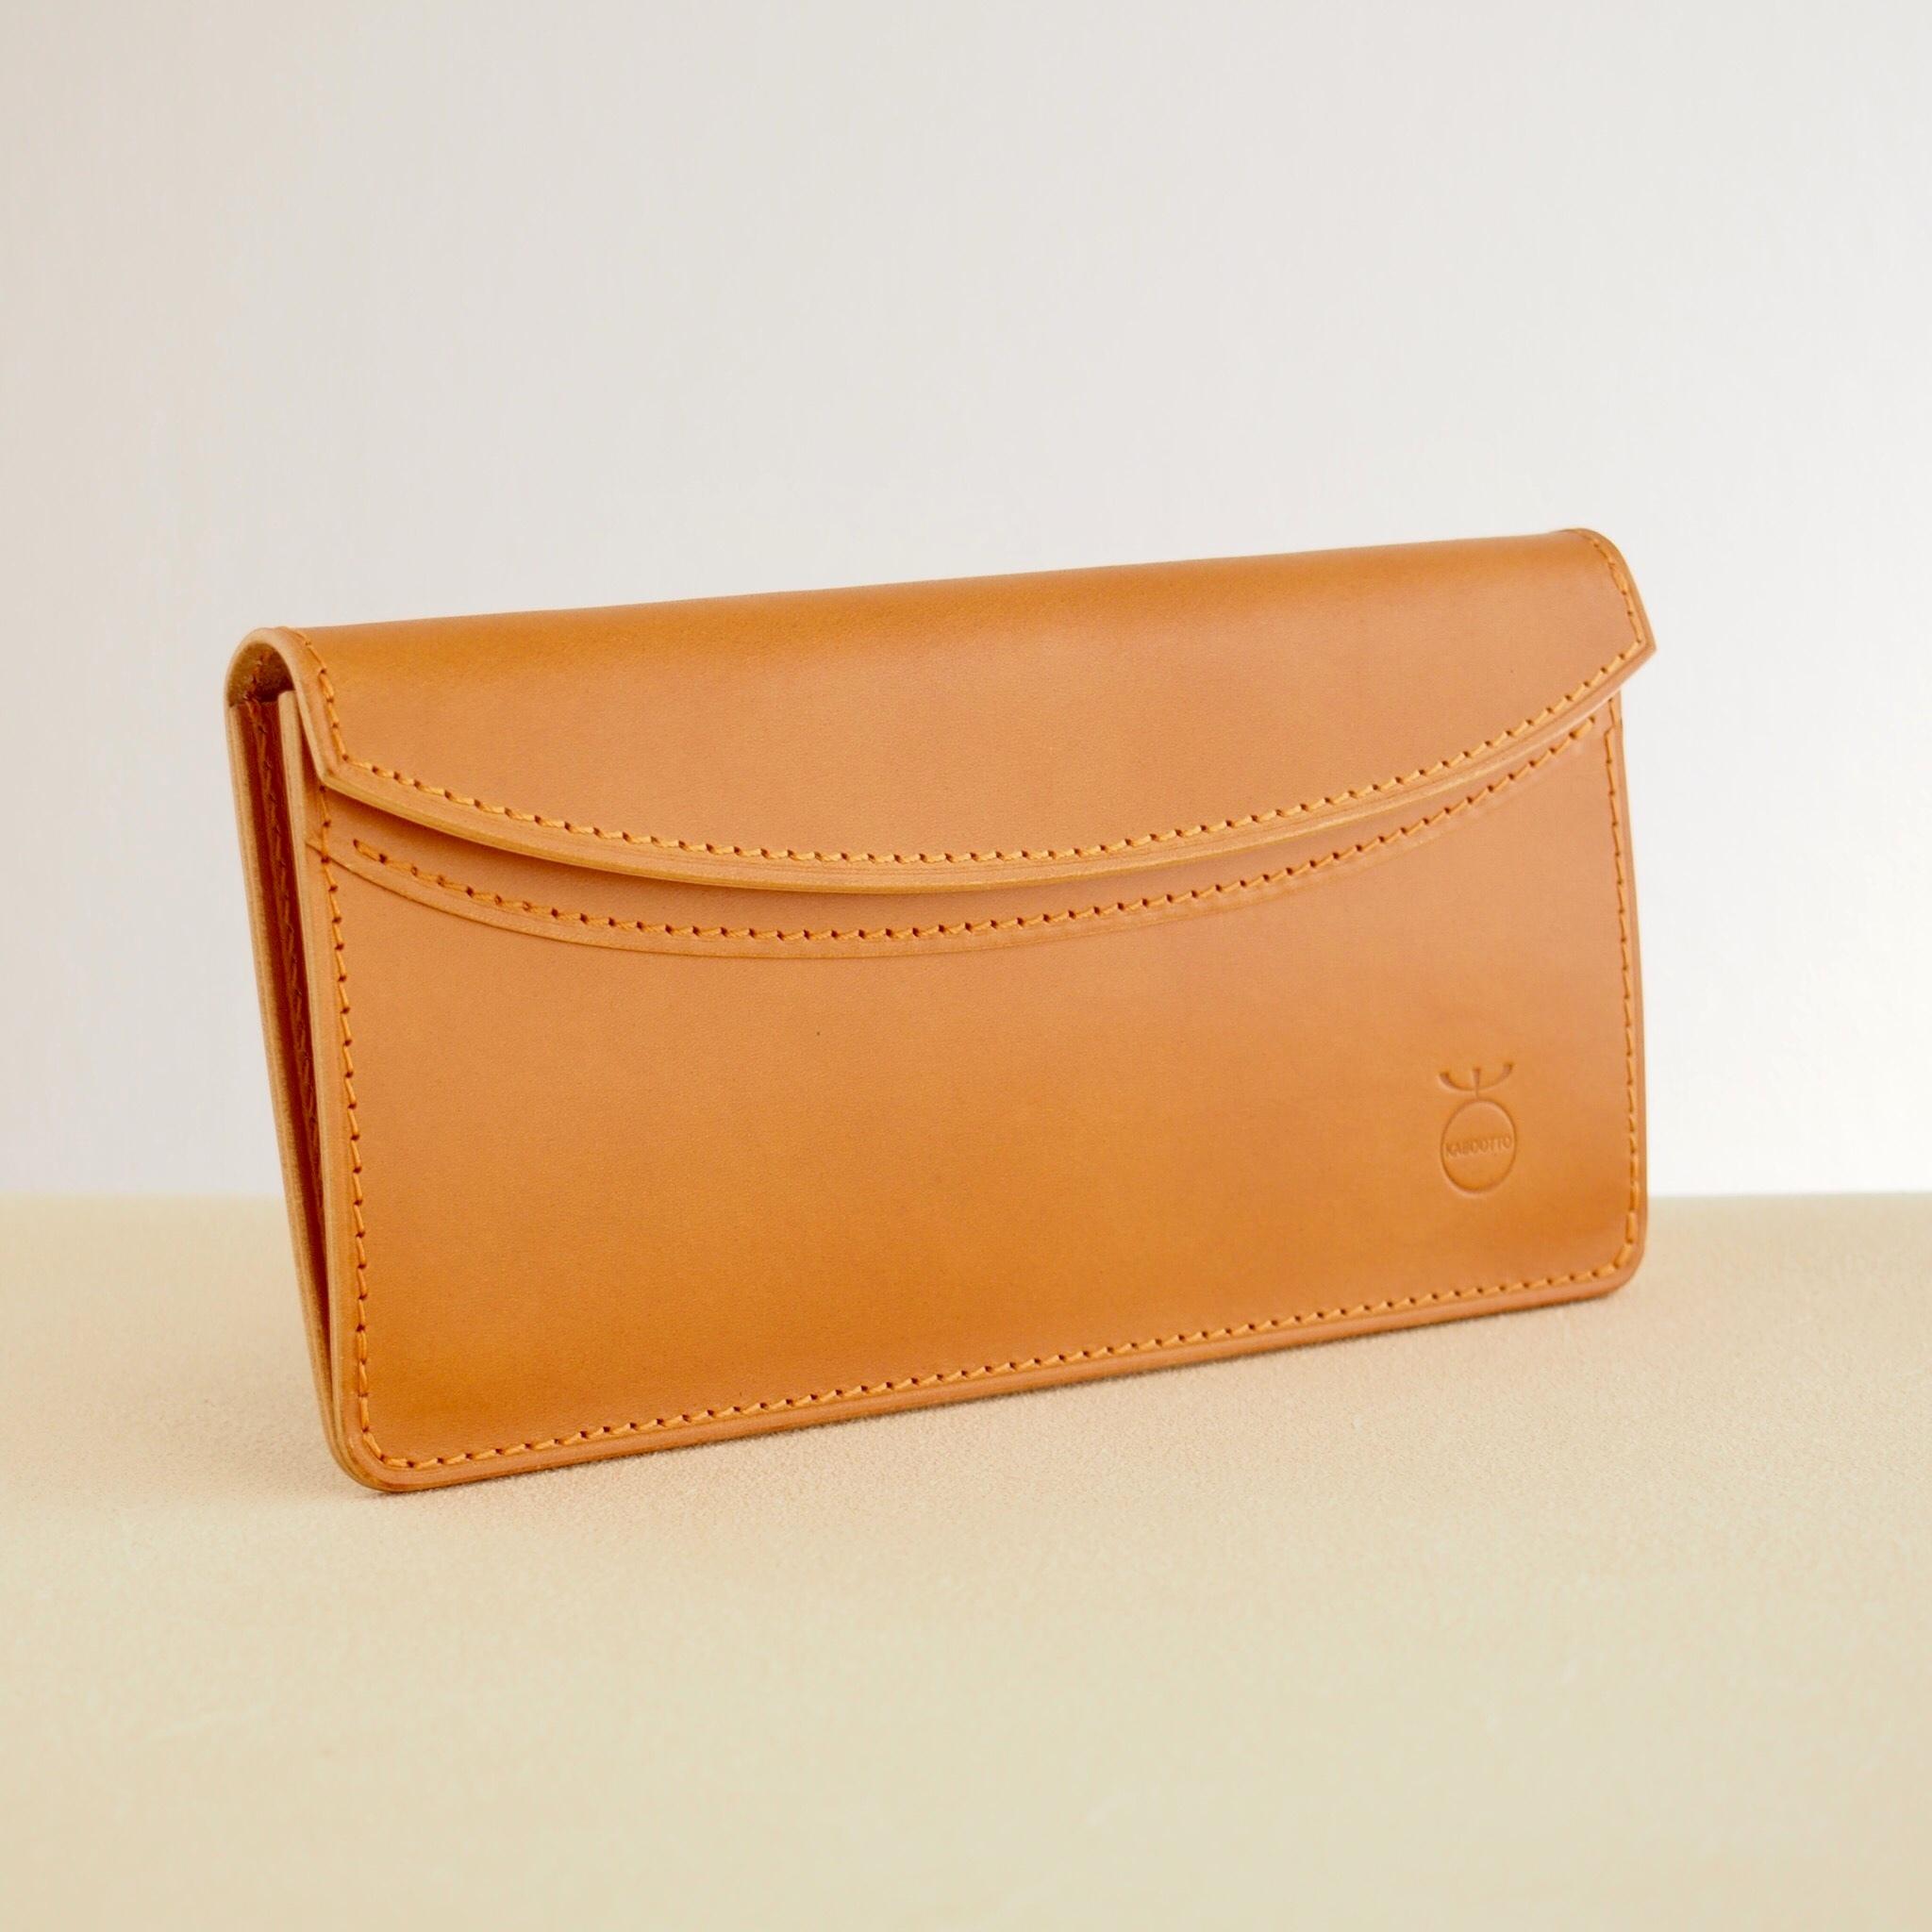 薄い軽い使いやすい! スリムな財布#キャメル